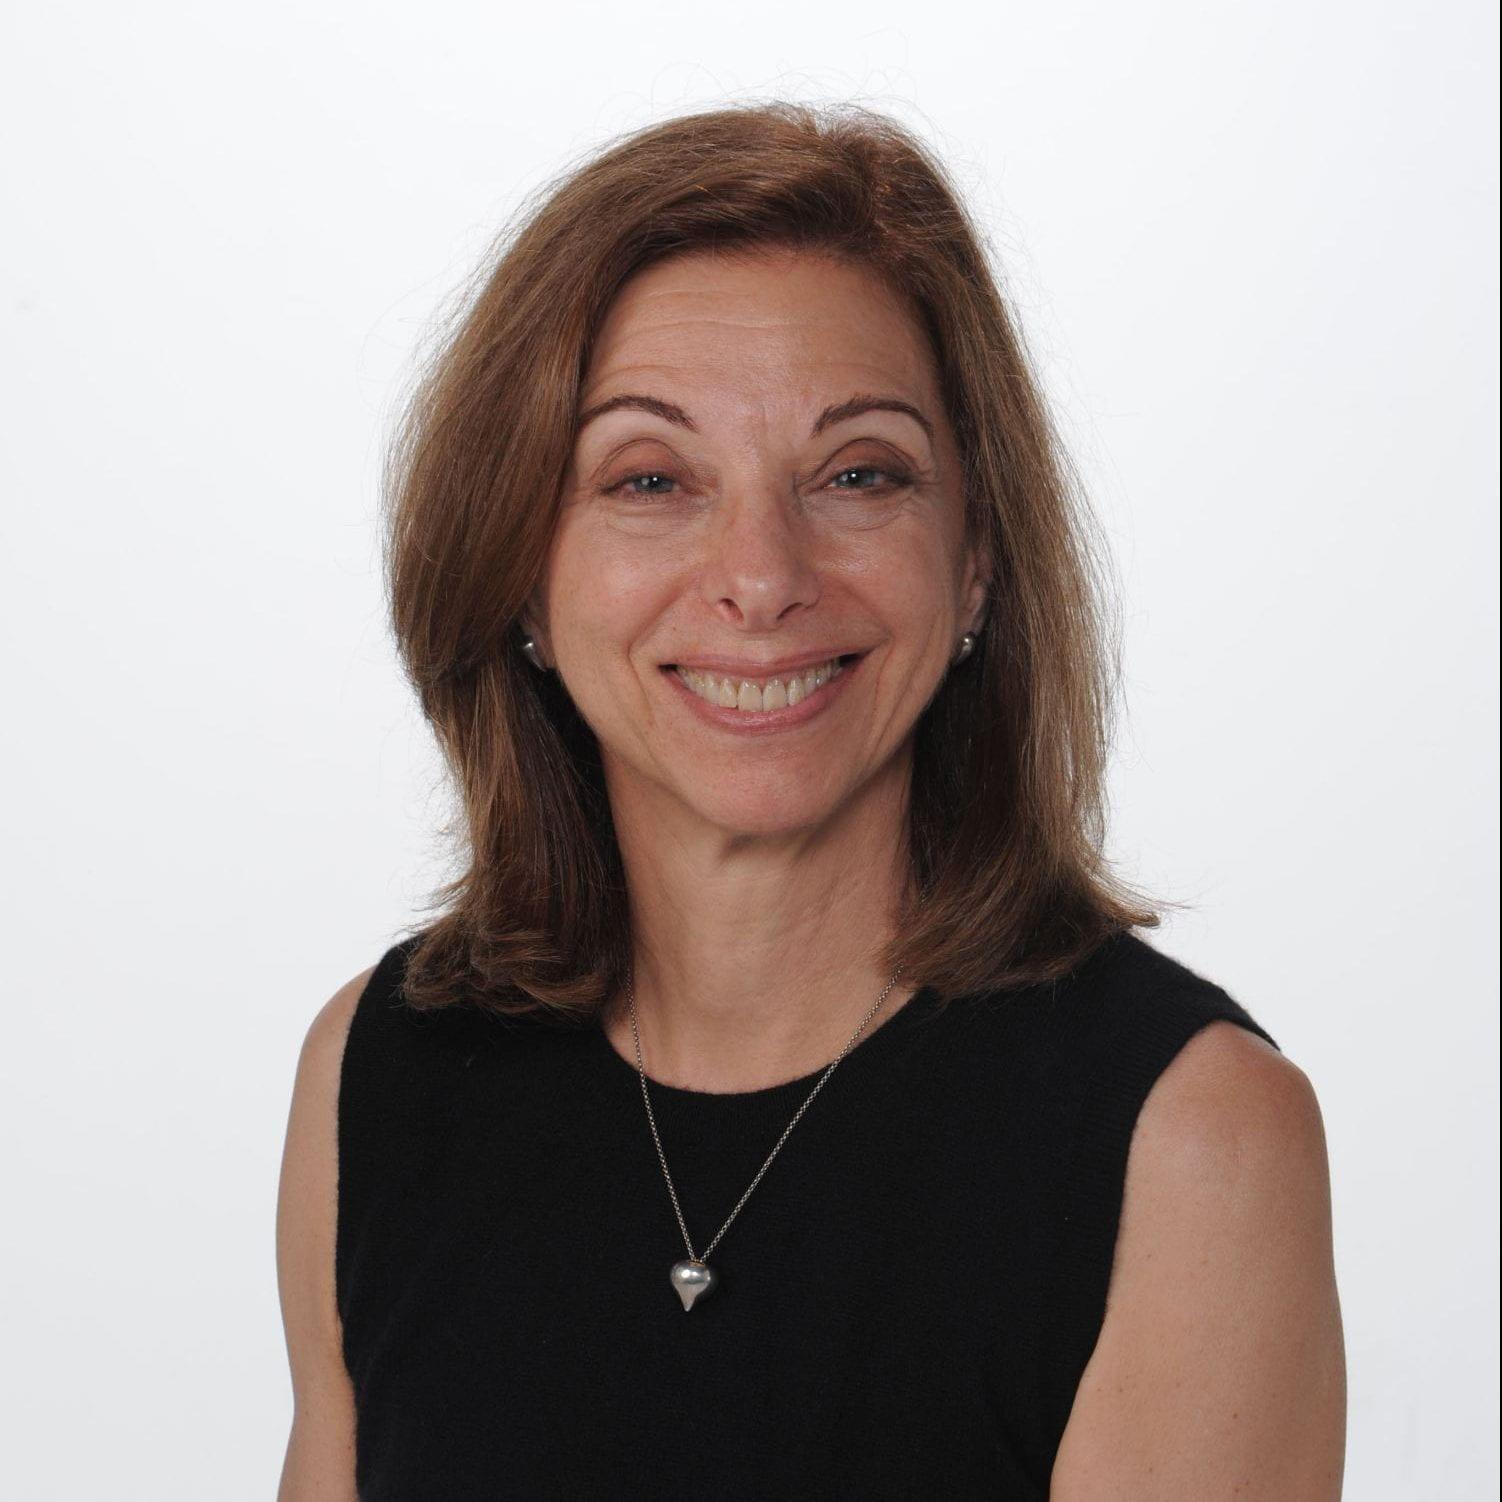 Erika Hoff